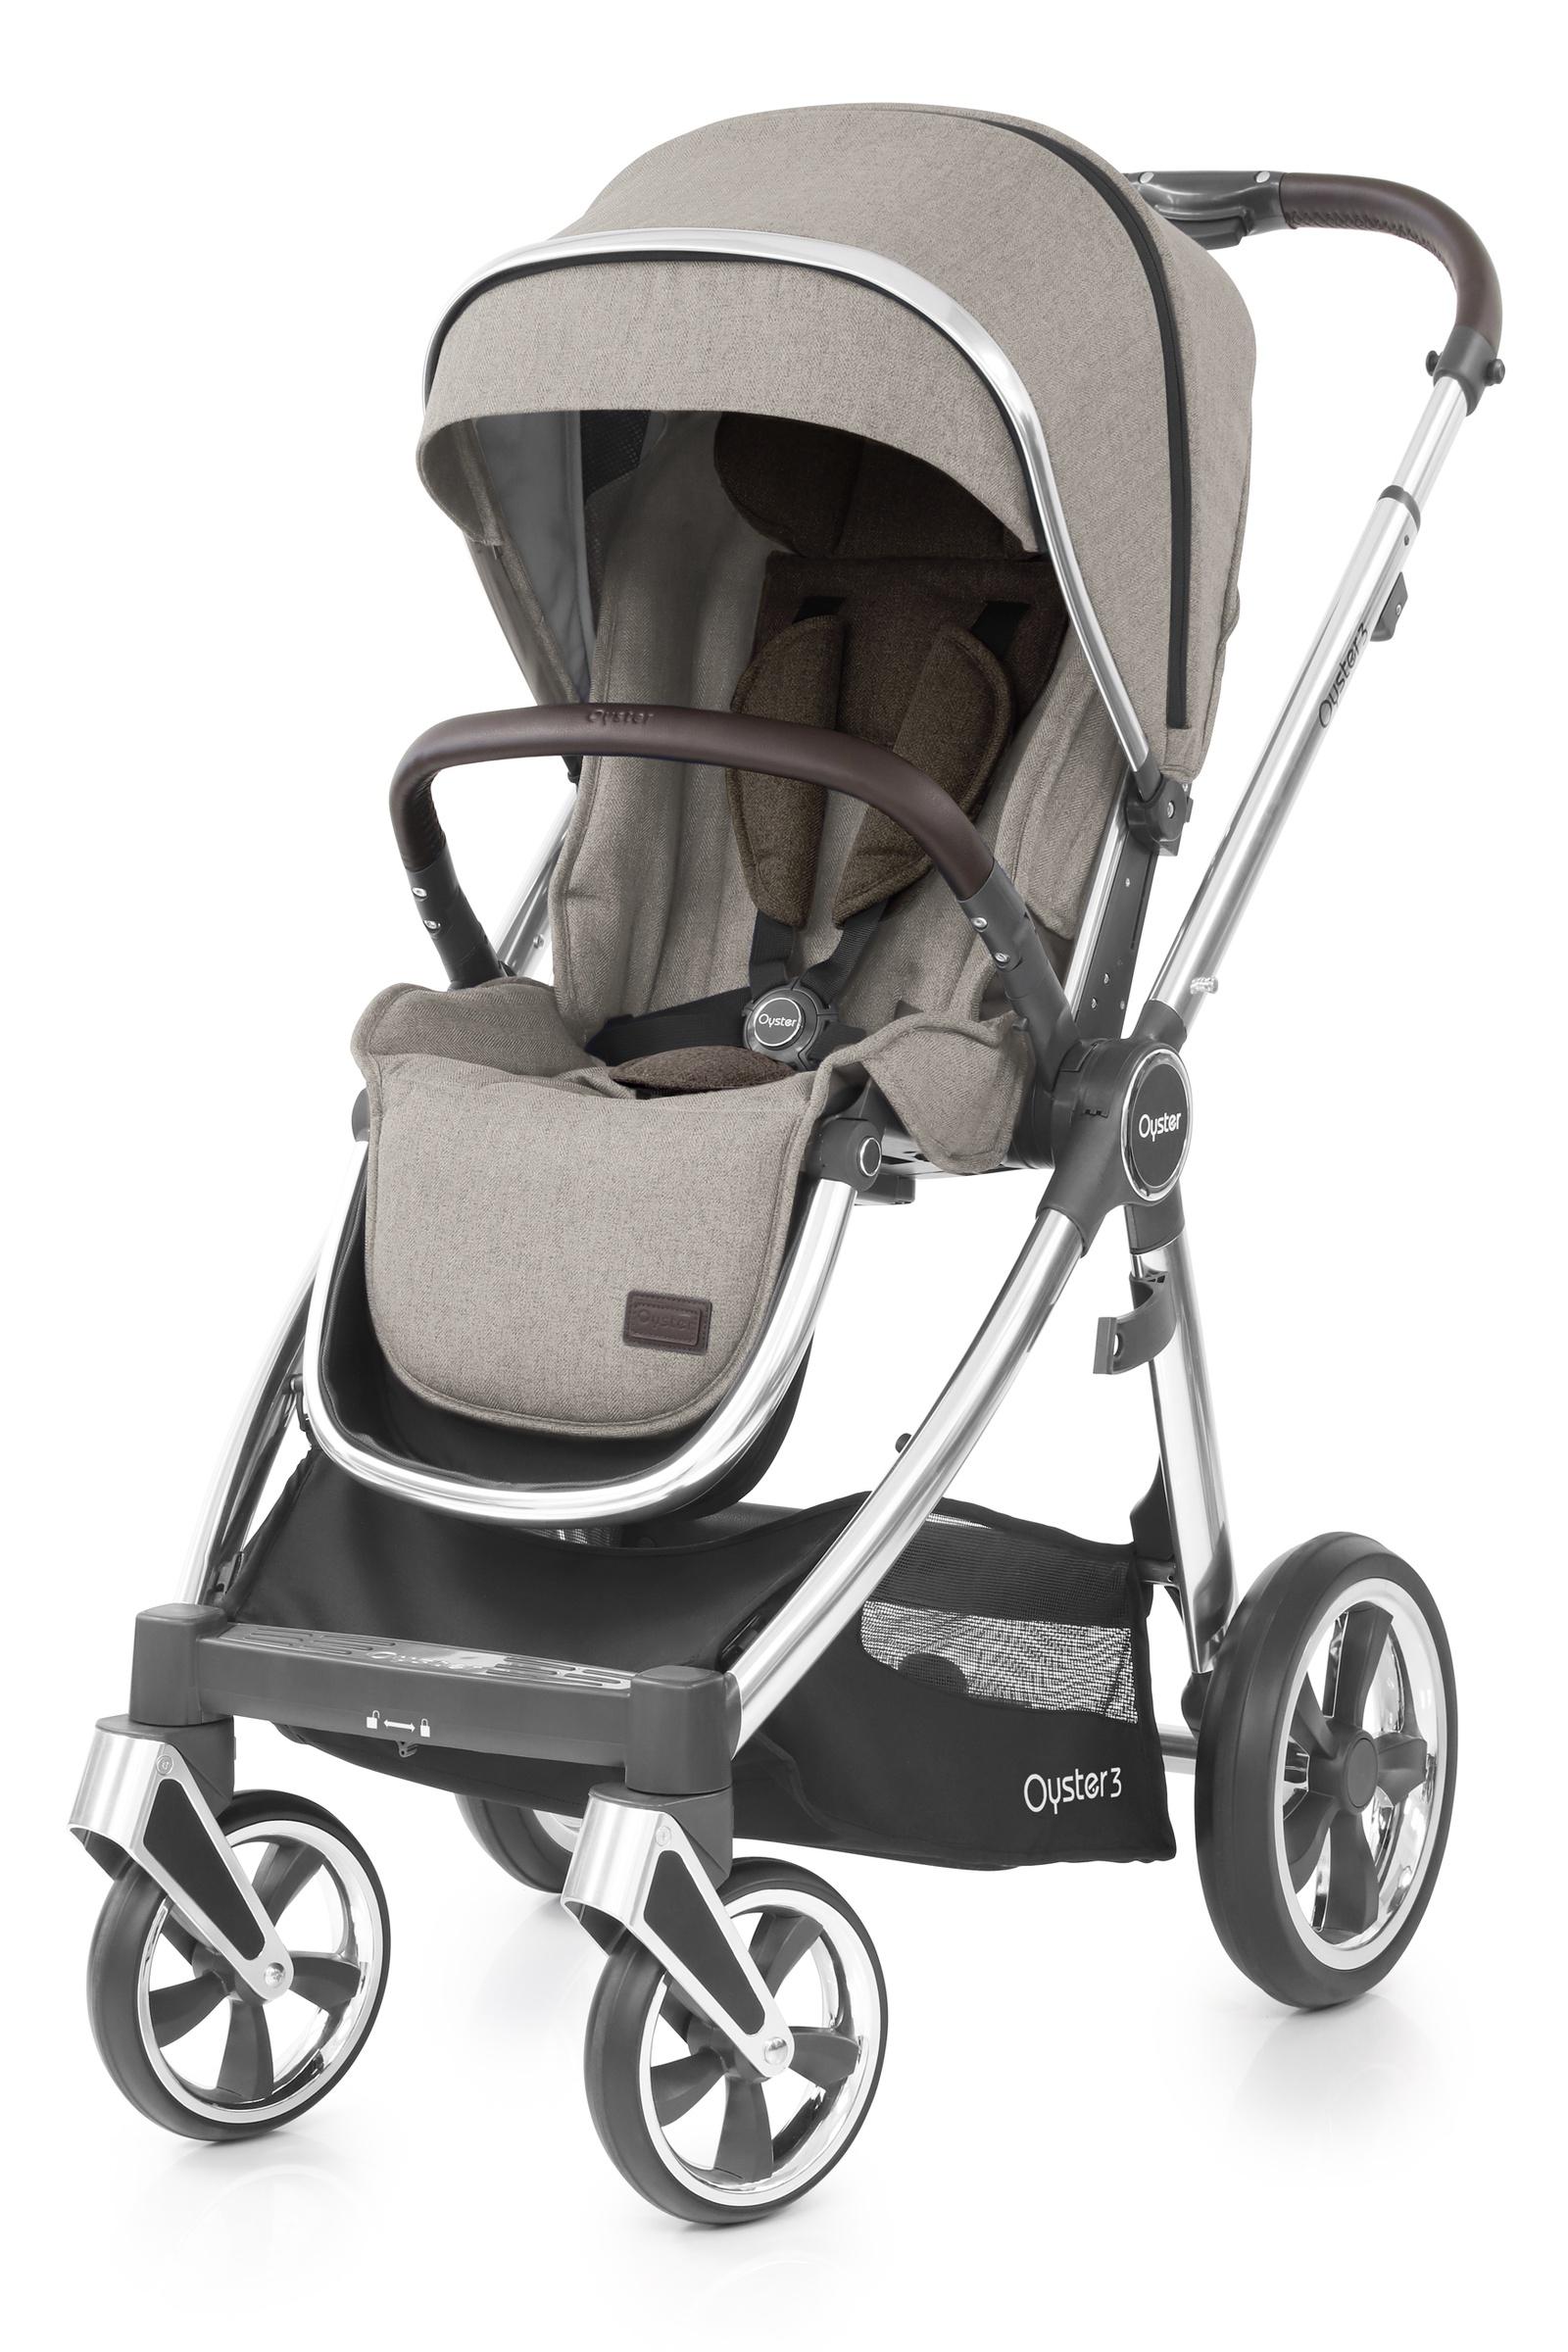 Детская прогулочная коляска Oyster 3 Pebble на серебристом шасси